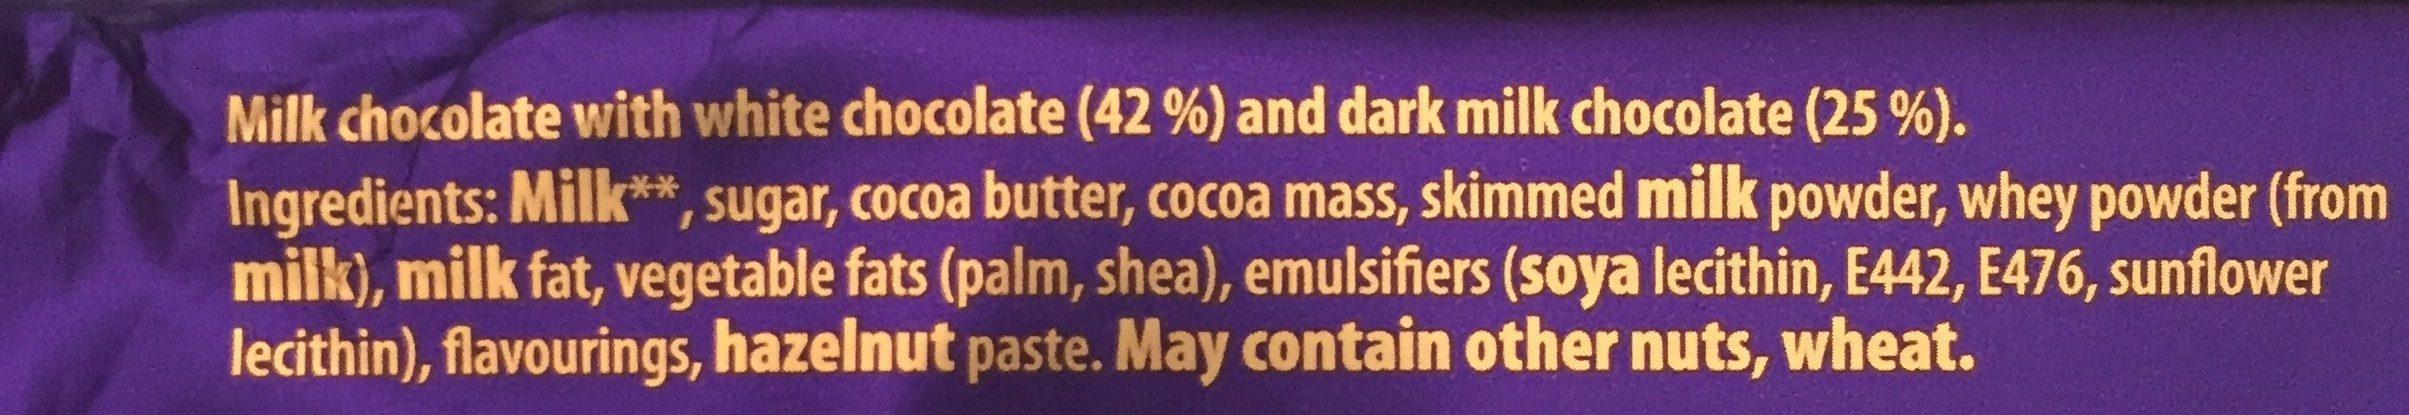 Cadbury Dairy Milk Big Taste Triple Chocolate Bar - Ingredients